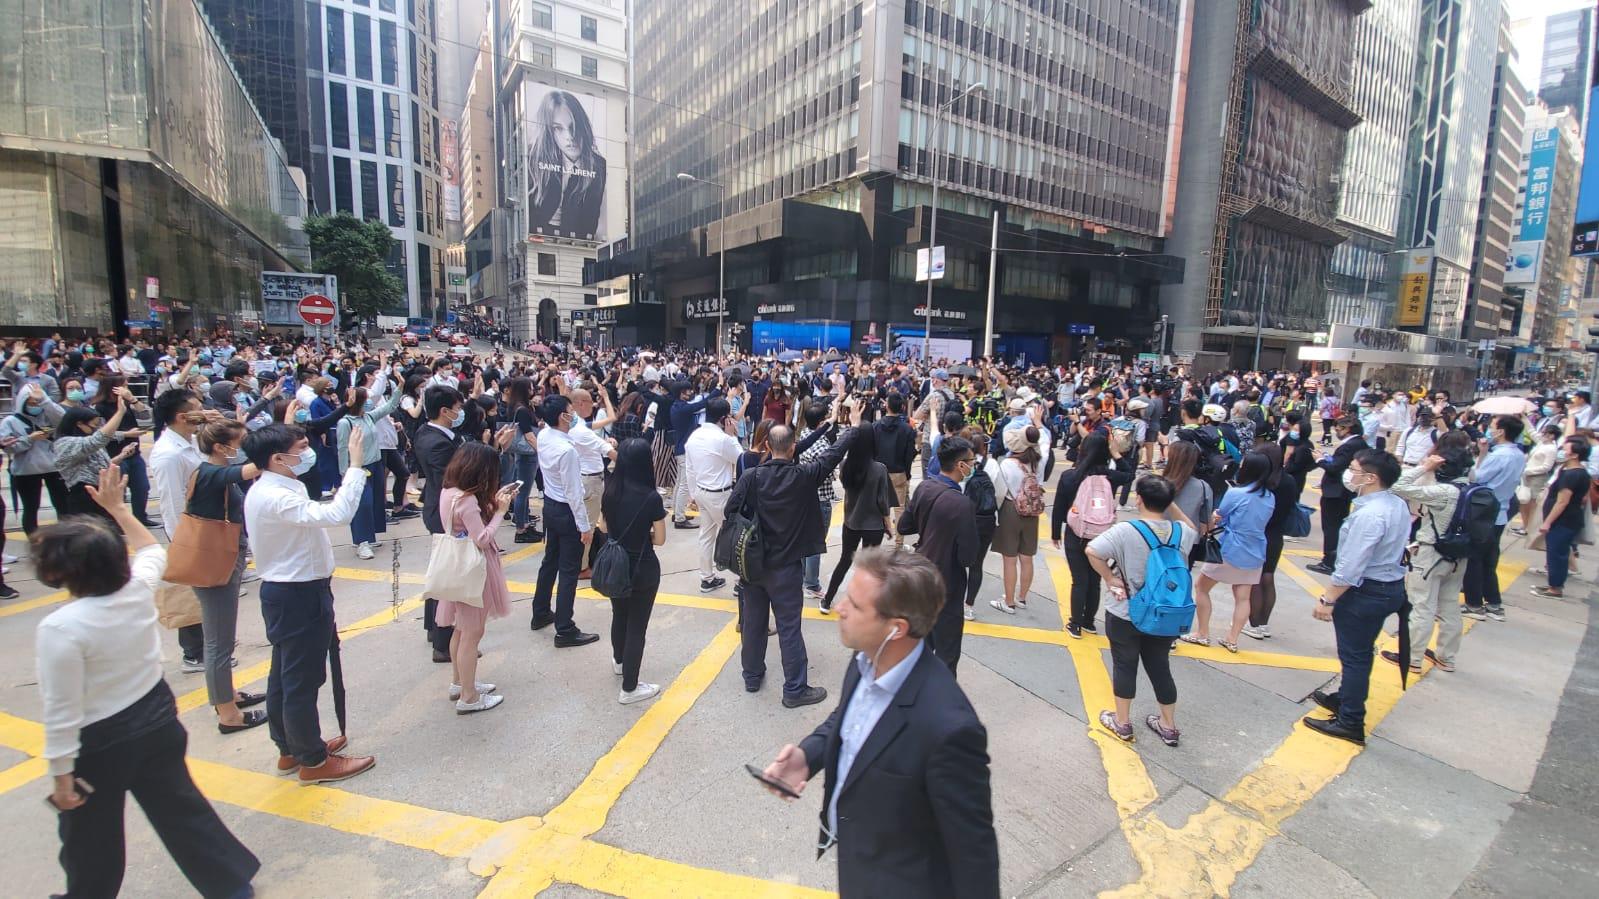 【大三罢】网民中环发起「和你lunch」 黑衣人堵路防暴警驱散